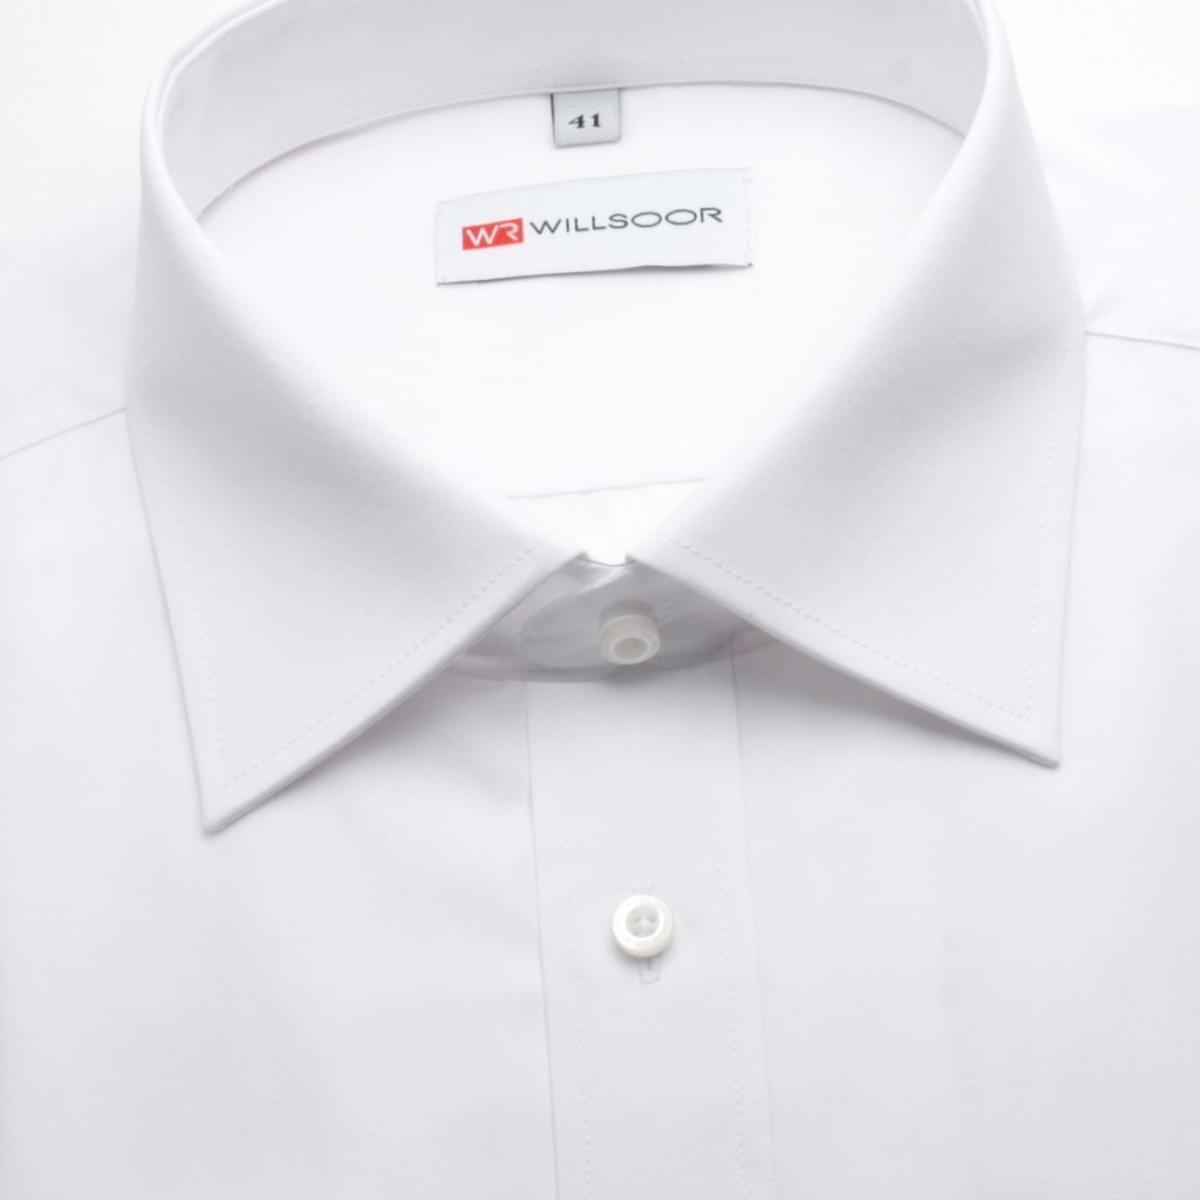 Pánská slim fit košile (výška 188-194) 354 v bílé barvě 188-194 / XL (43/44)